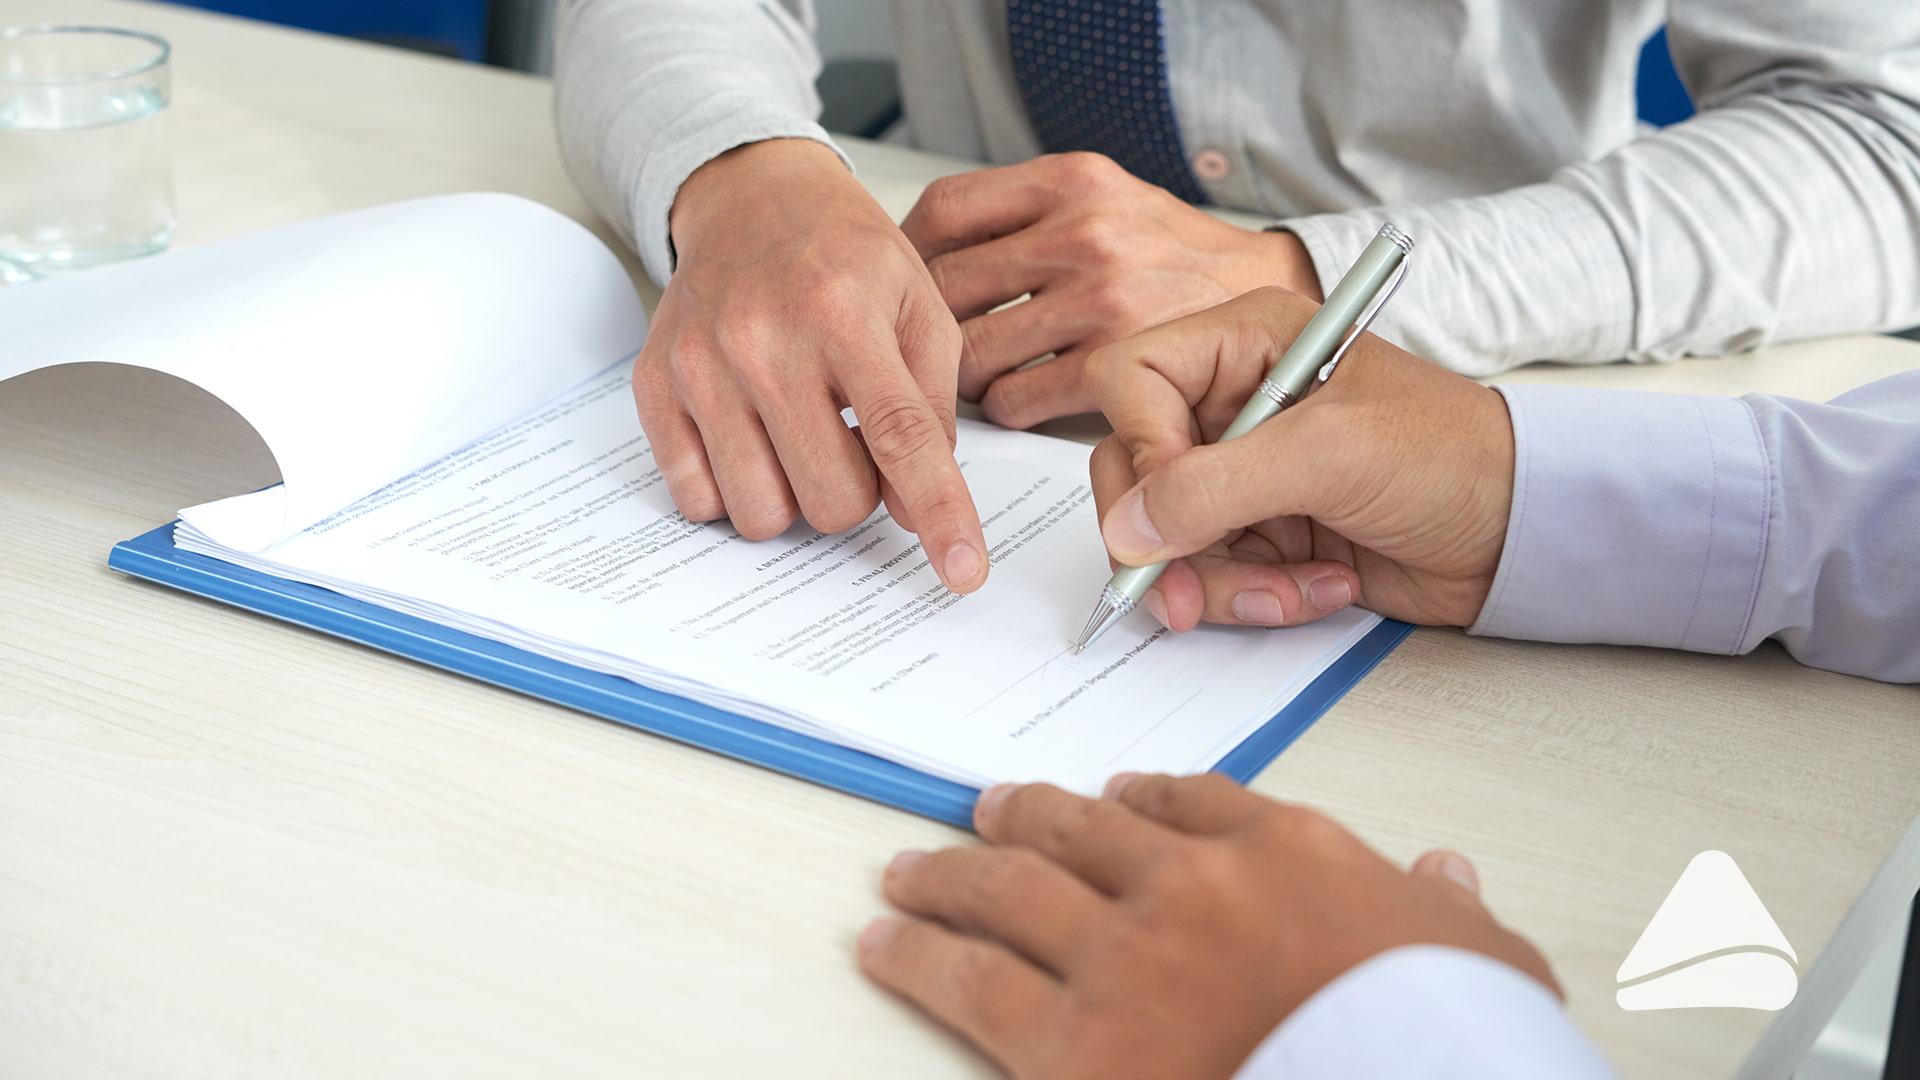 Imóveis com documentação em dia garantem o negócio mais seguro